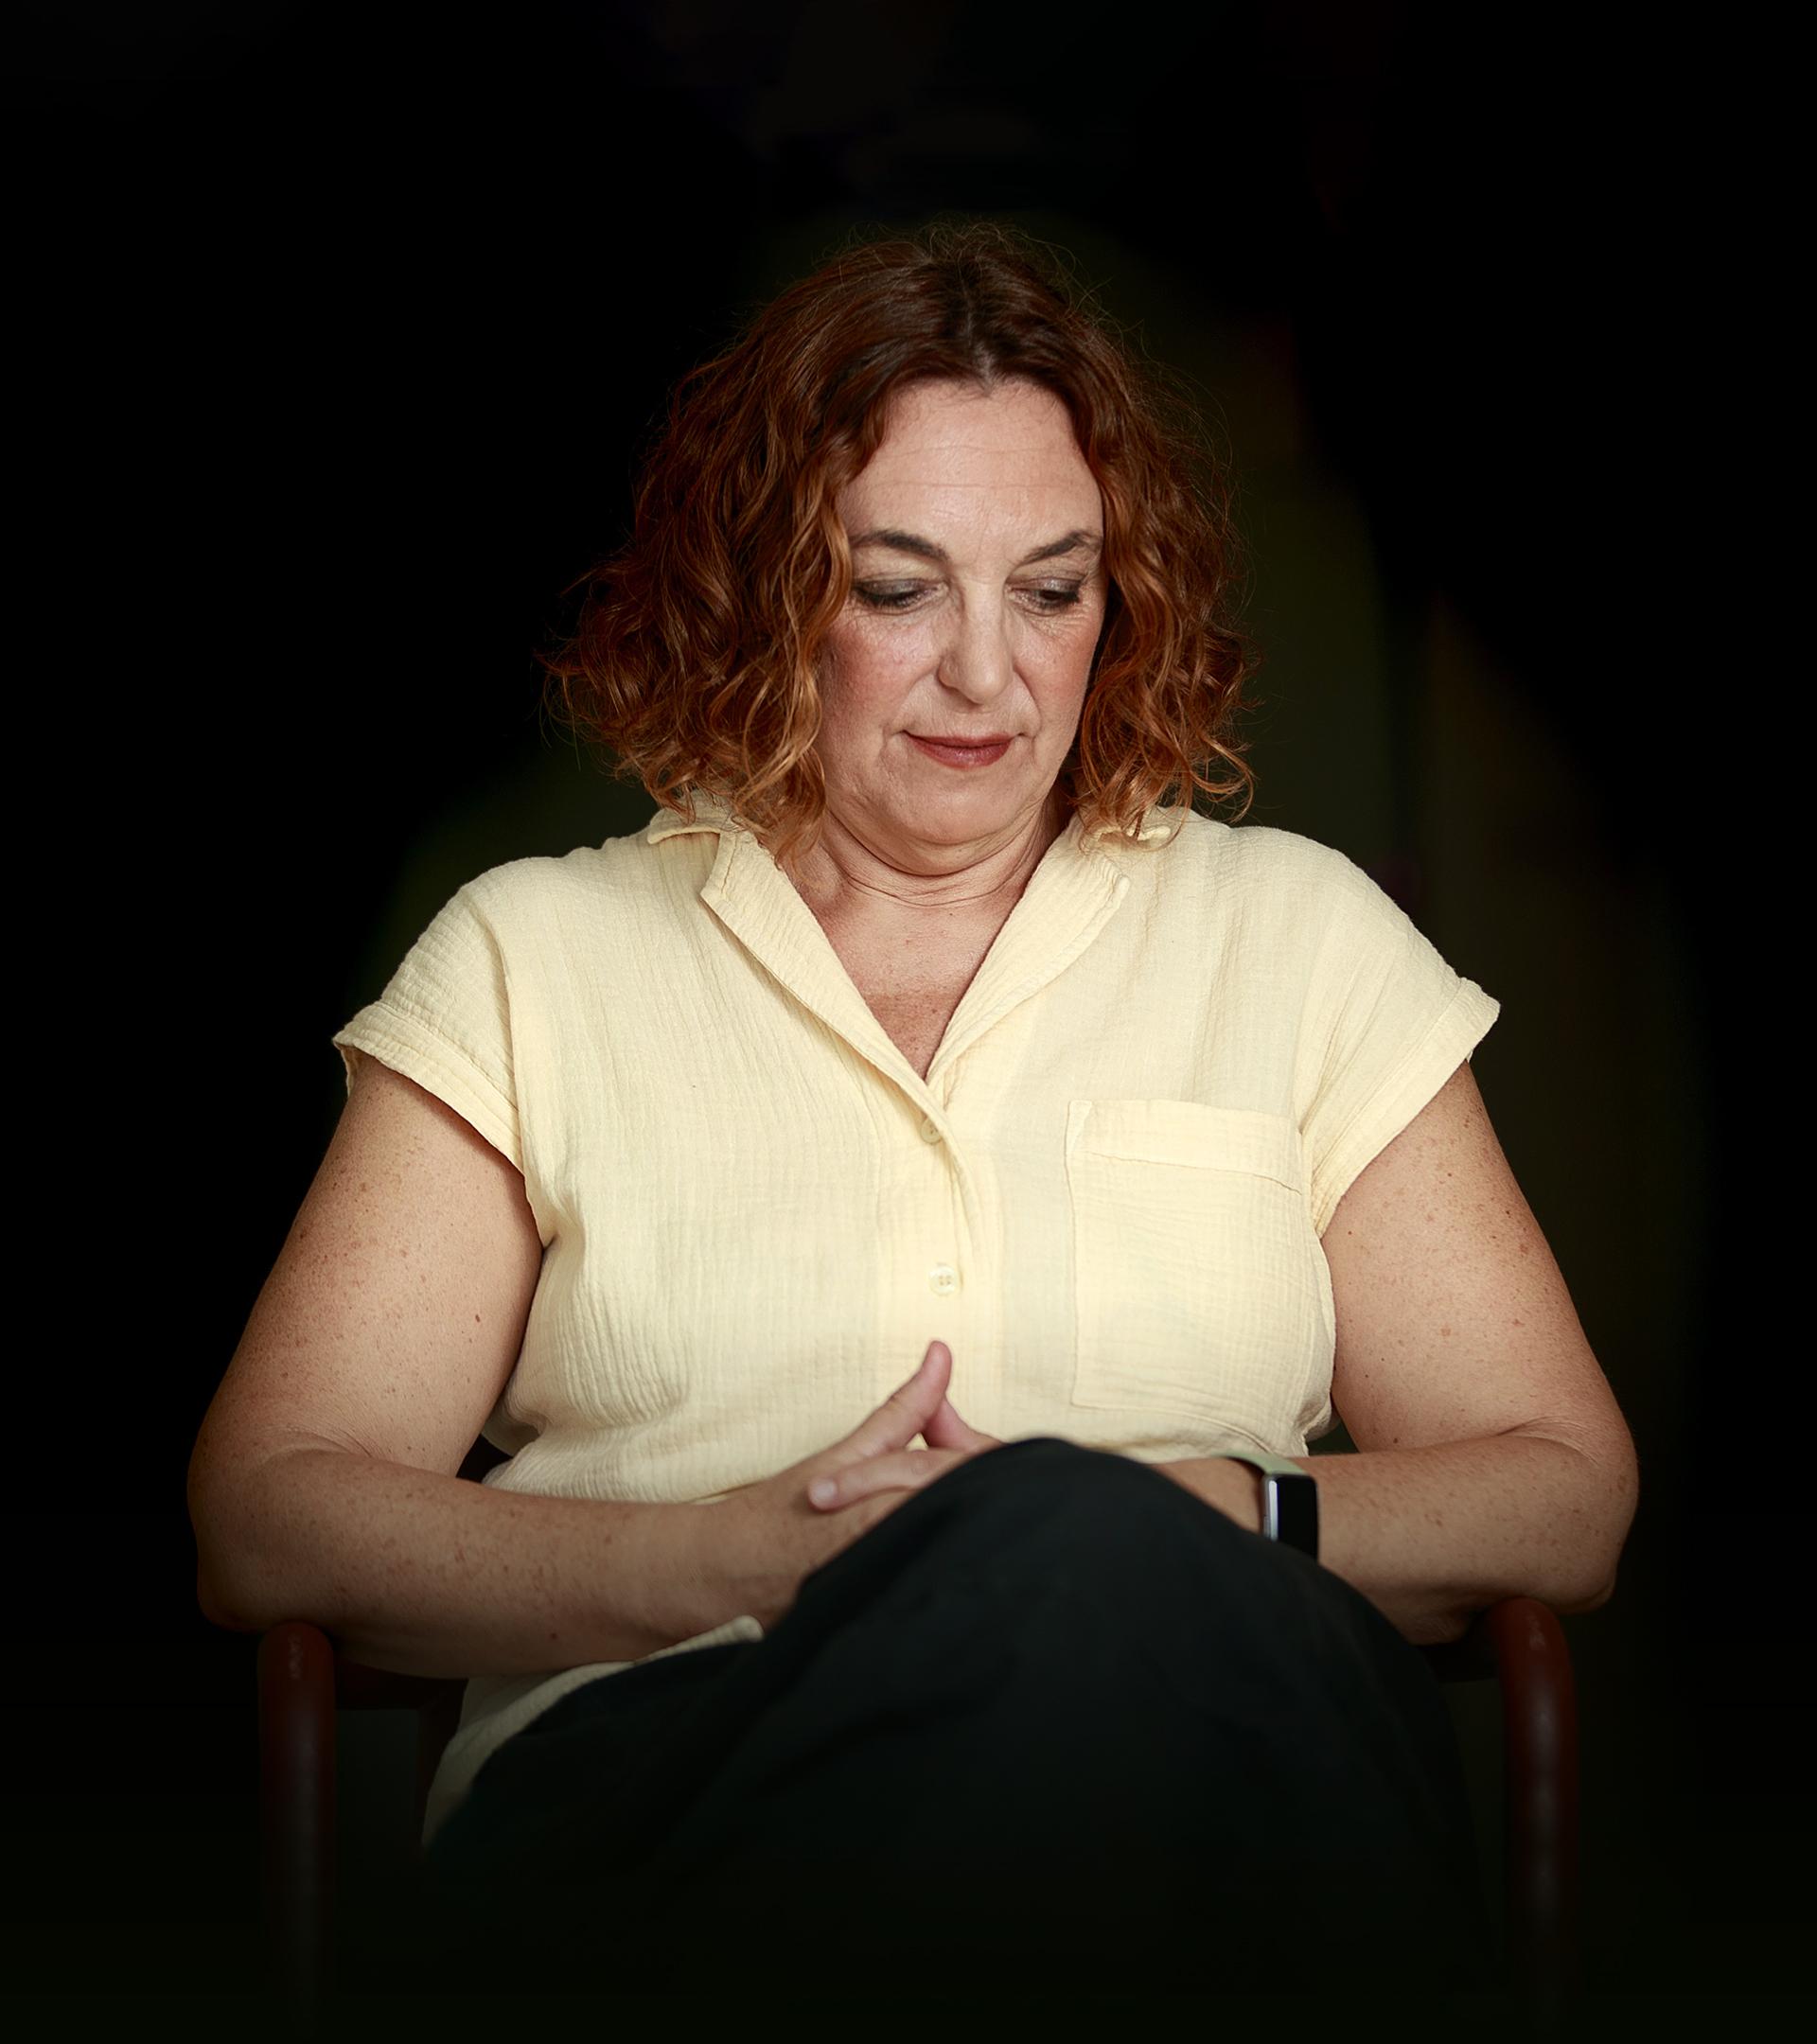 Cristina Maragall, hija de Pasqual Maragall y presidenta de la Fundación que lleva el nombre de su padre.